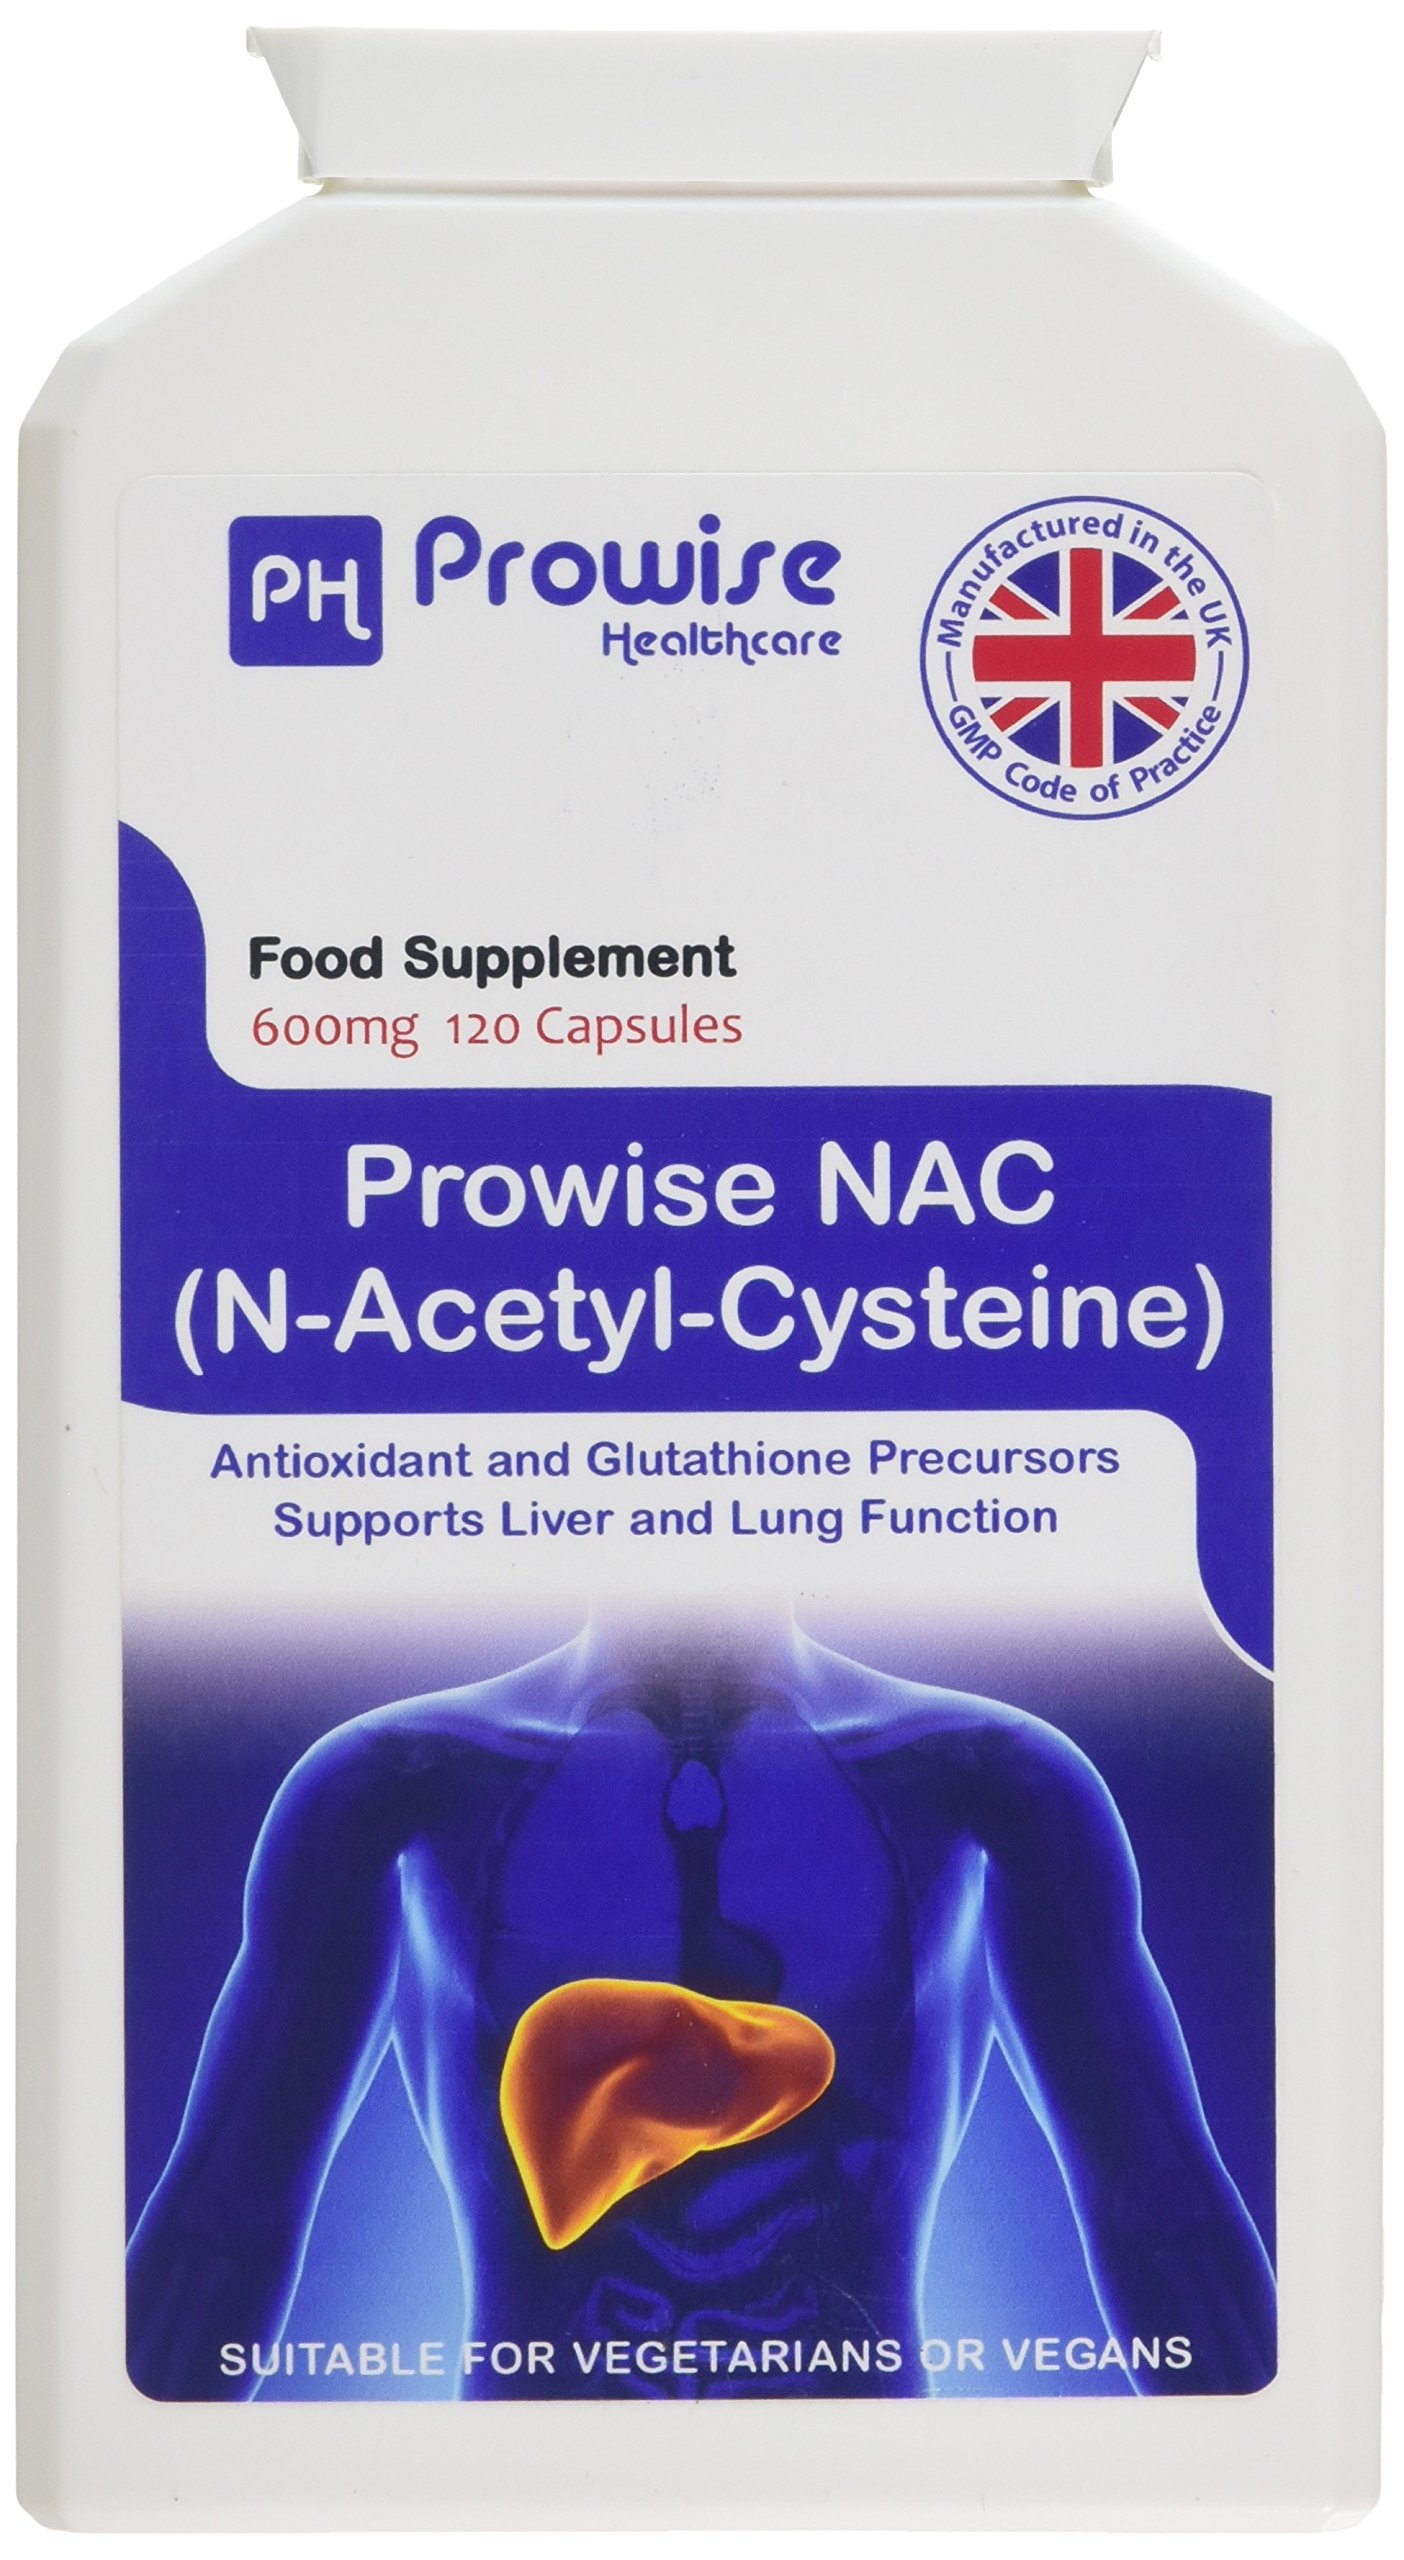 NAC N-acetil-cisteina 600mg 120 capsule - Prodotto nel Regno Unito   Standard GMP di Prowise Healthcare   Adatto a… 1 spesavip